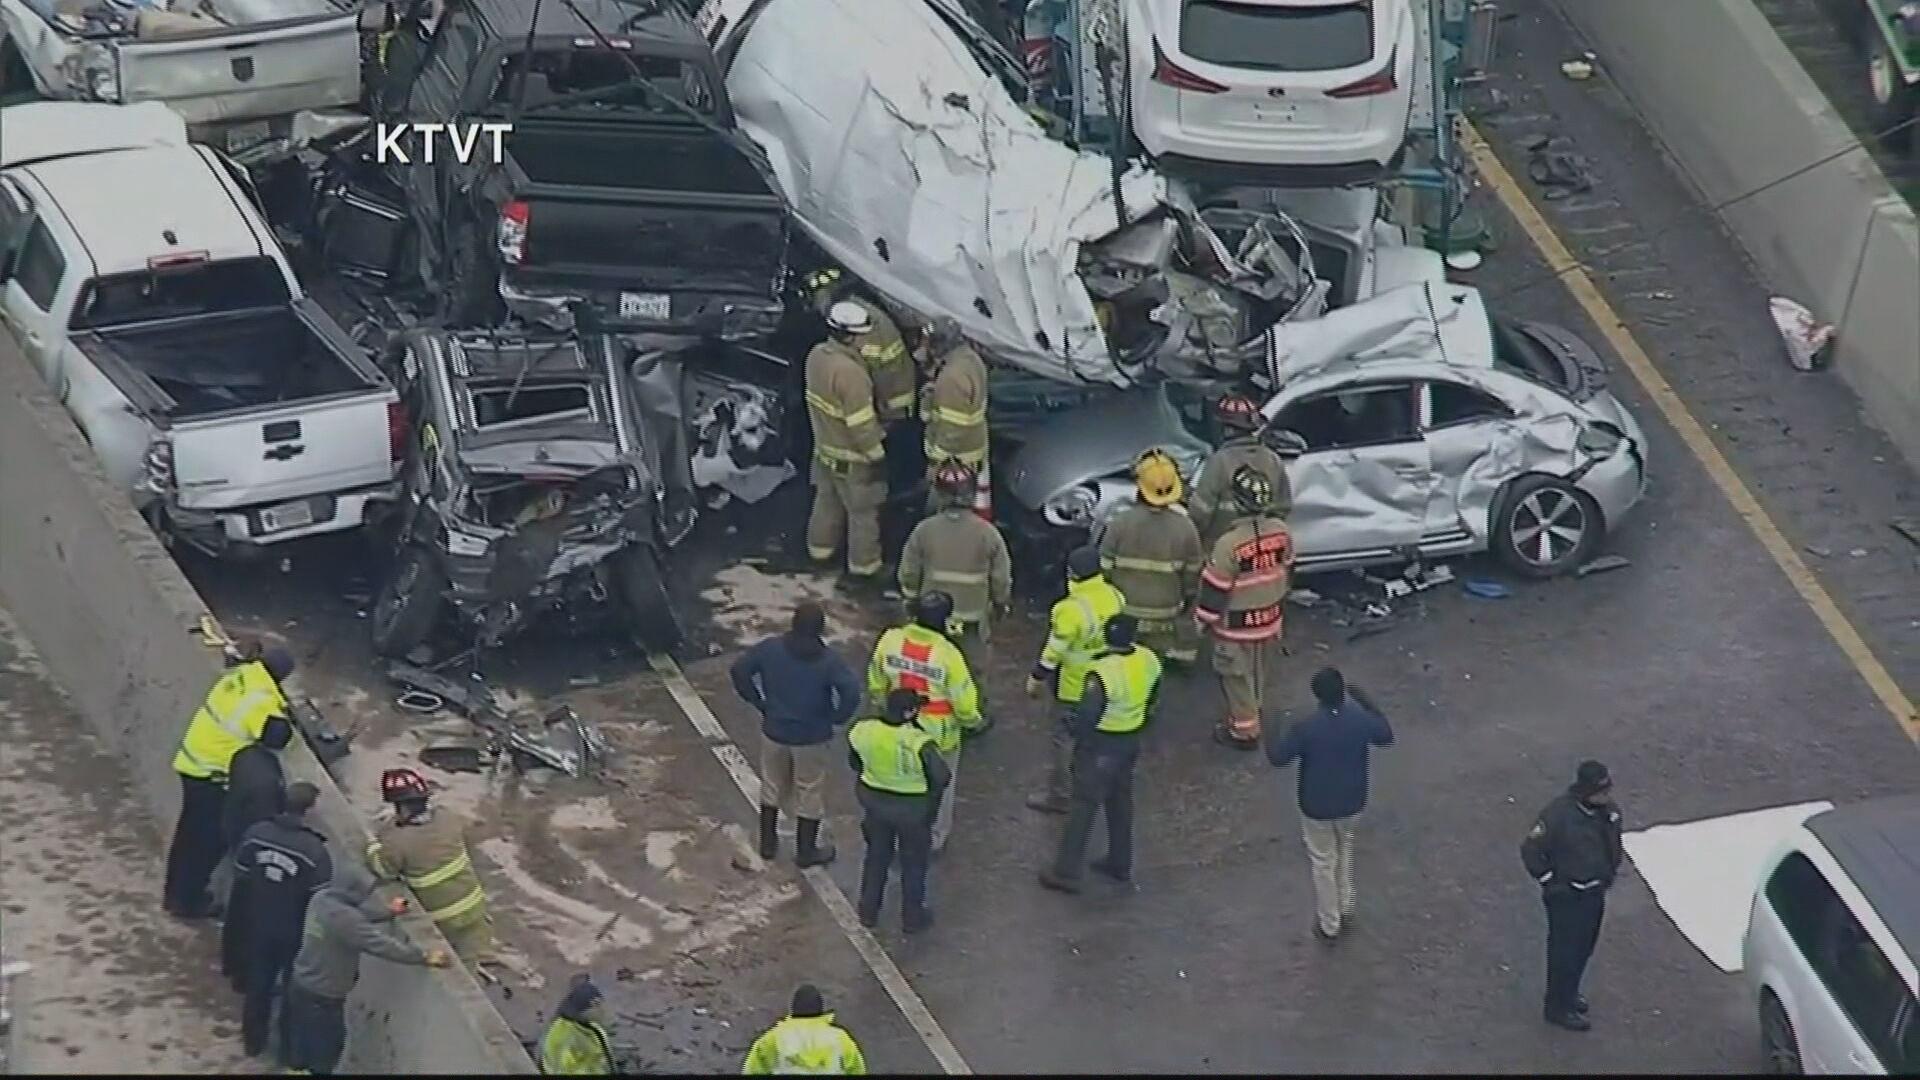 Engavetamento com 70 veículos deixa 5 mortos no Texas (11.fev.2021)